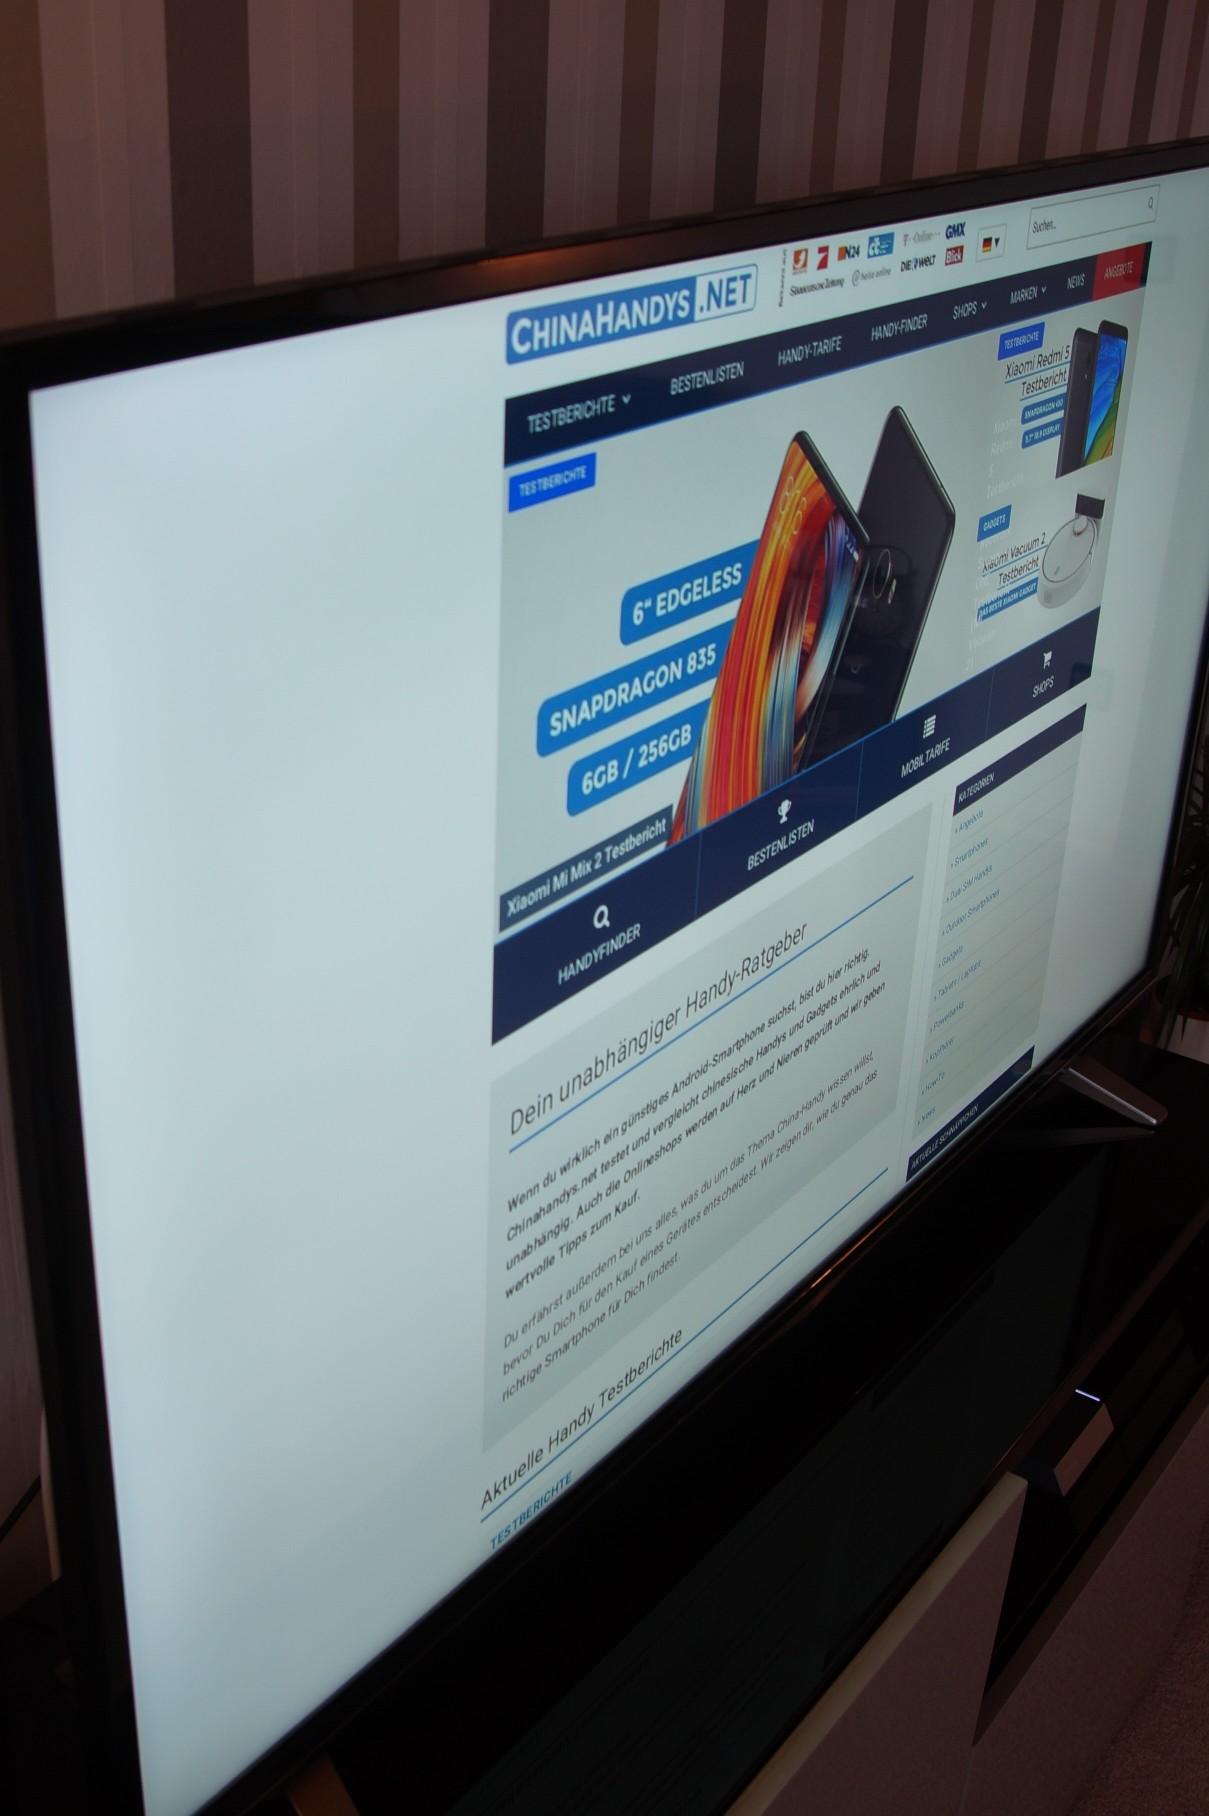 Haier U55H7000 Testbericht - Schnäppchen? 55 Zoll 4K TV aus China